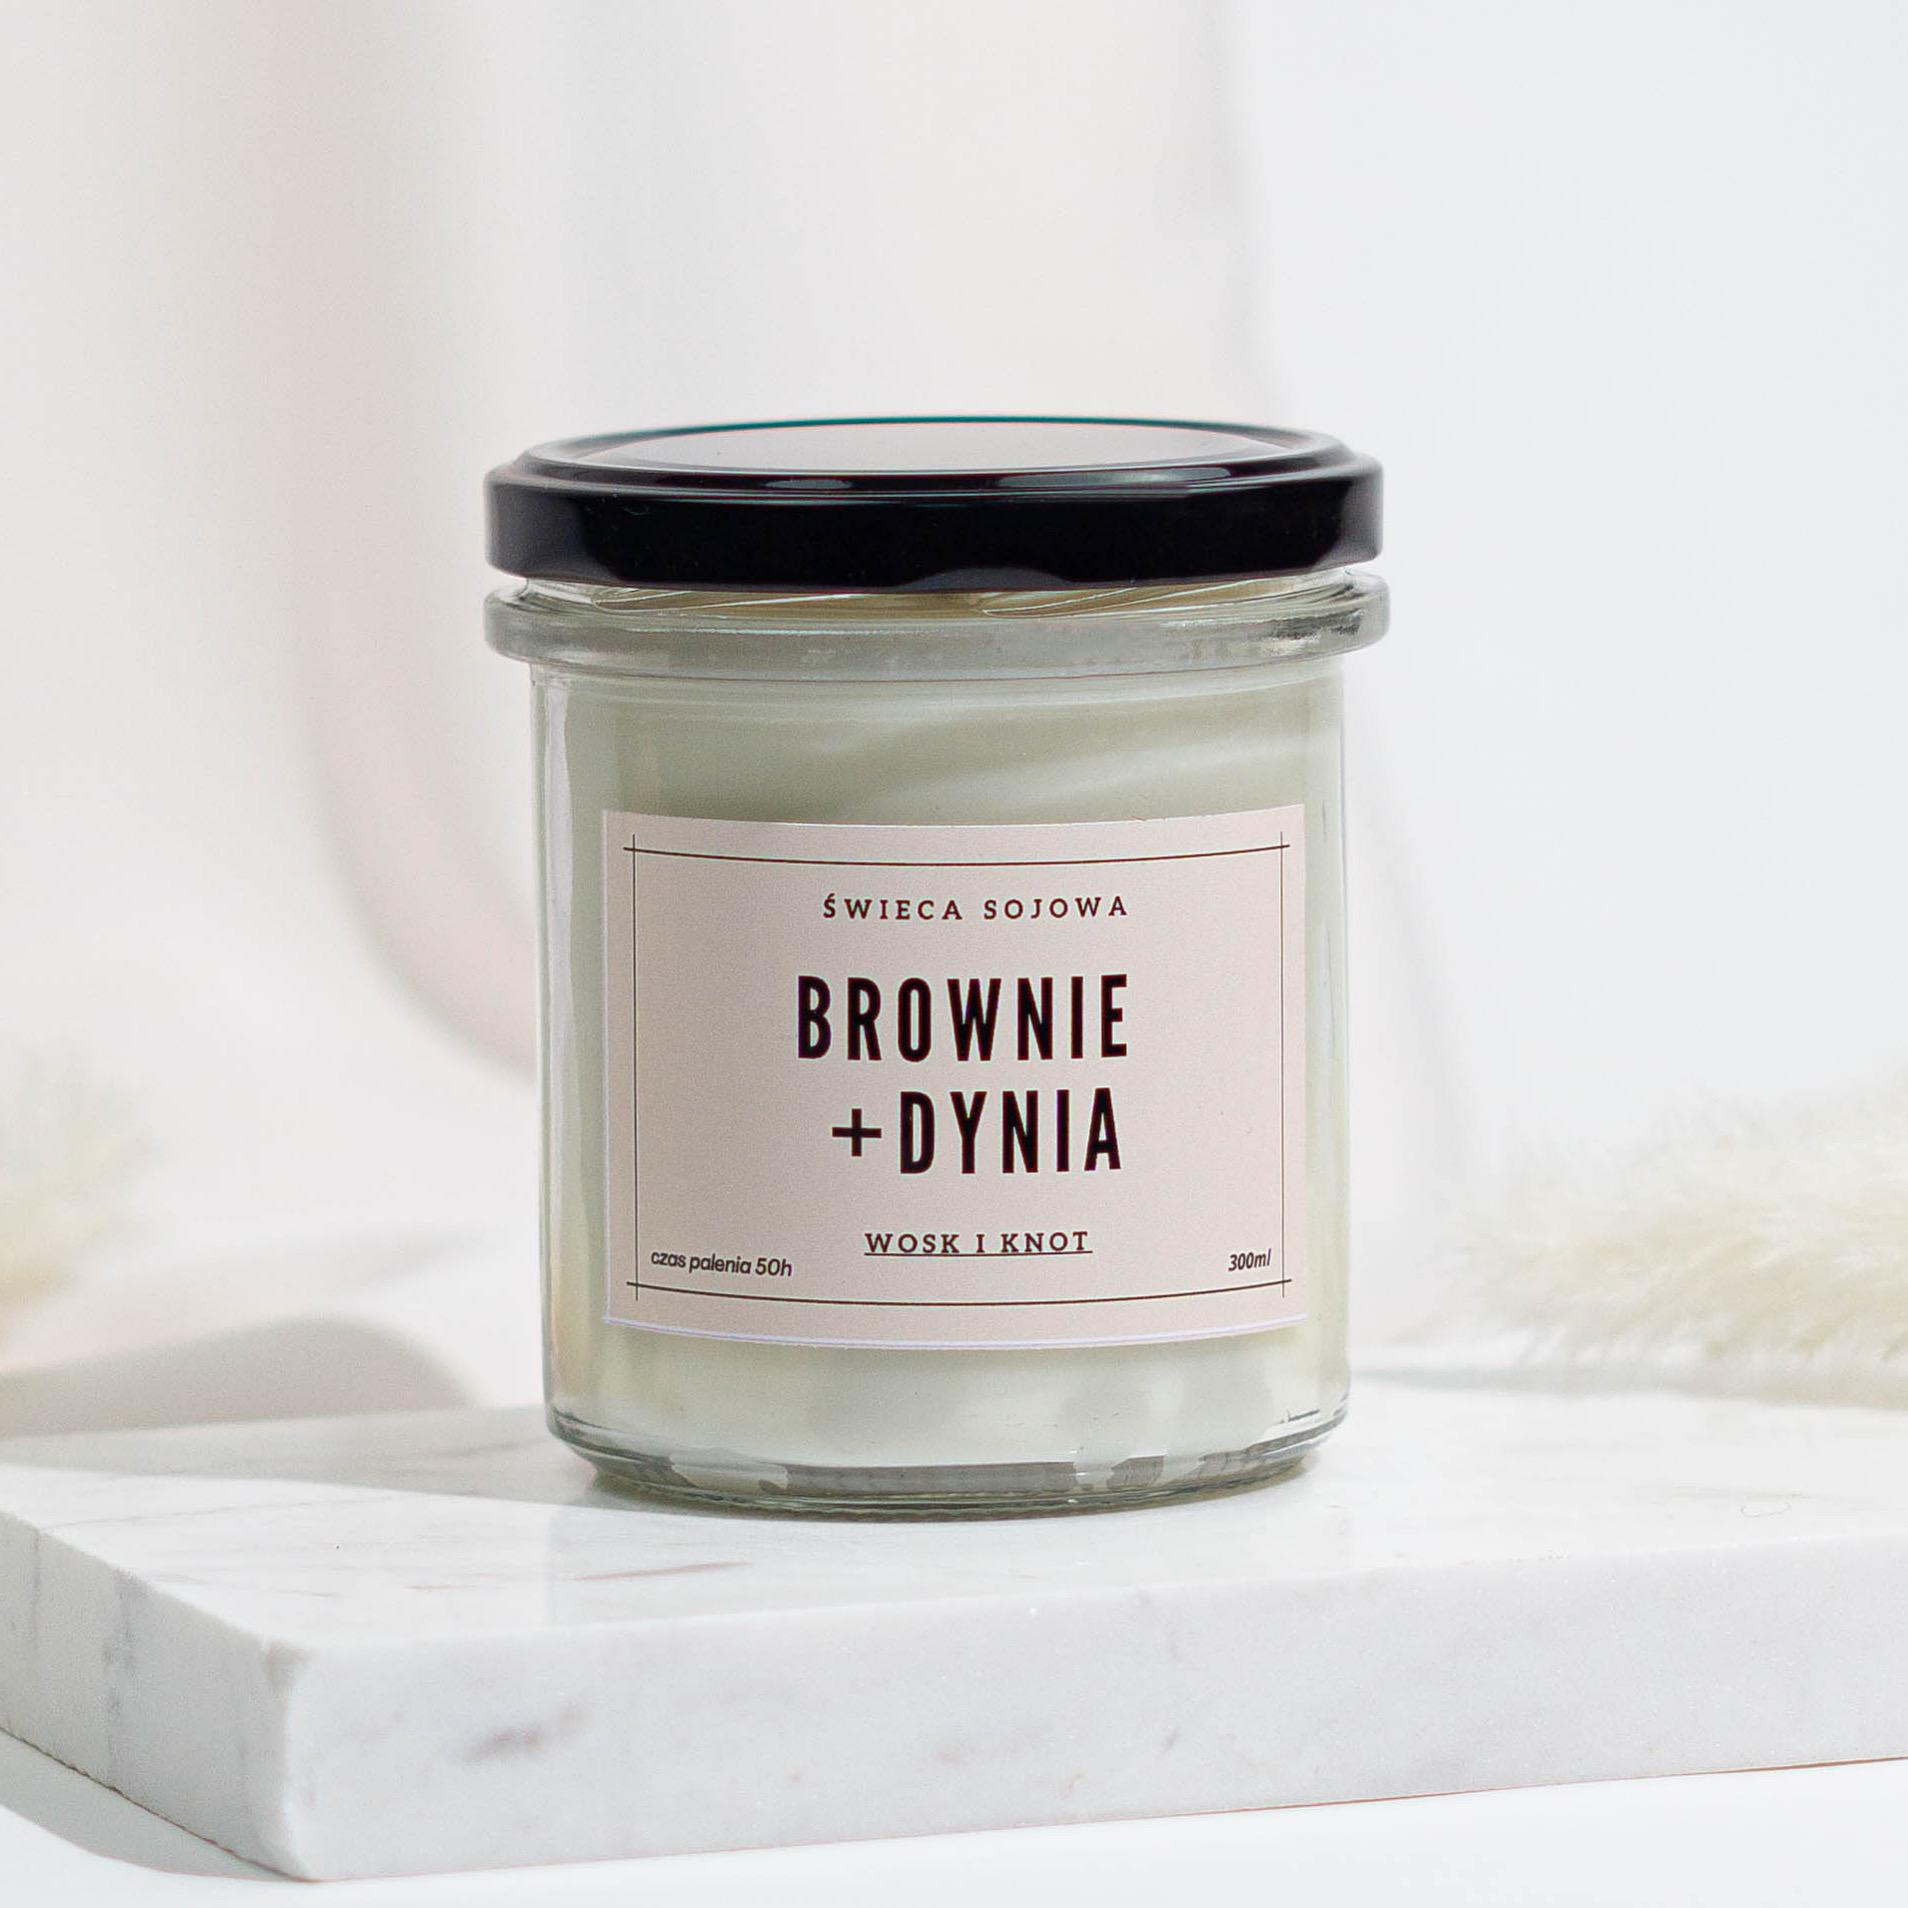 BROWNIE + DYNIA - Wosk i Knot | JestemSlow.pl